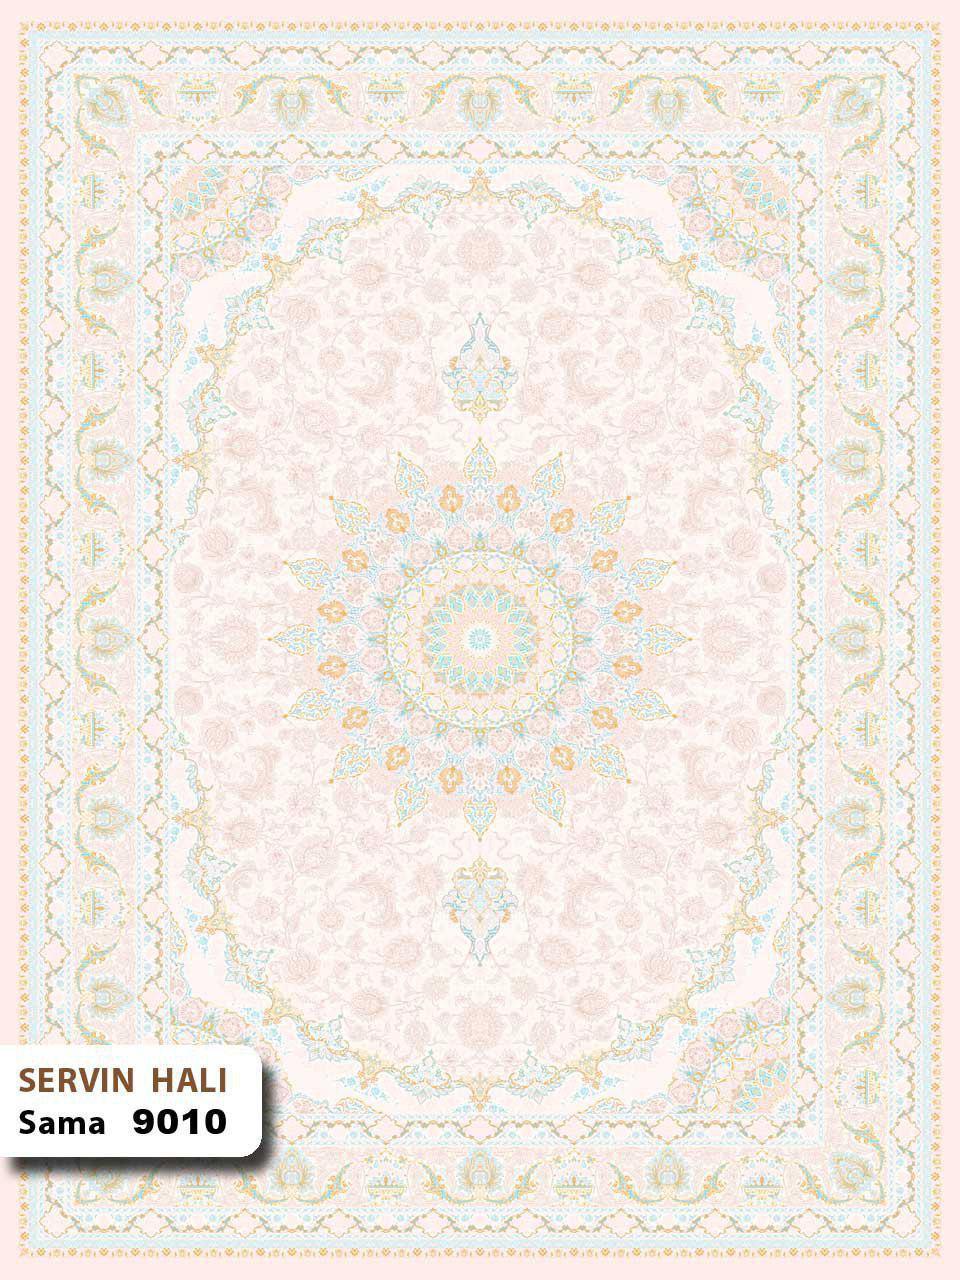 سما 9010/دنیای فرش/فرش ایرانی/فرش ماشینی/donyayfarsh